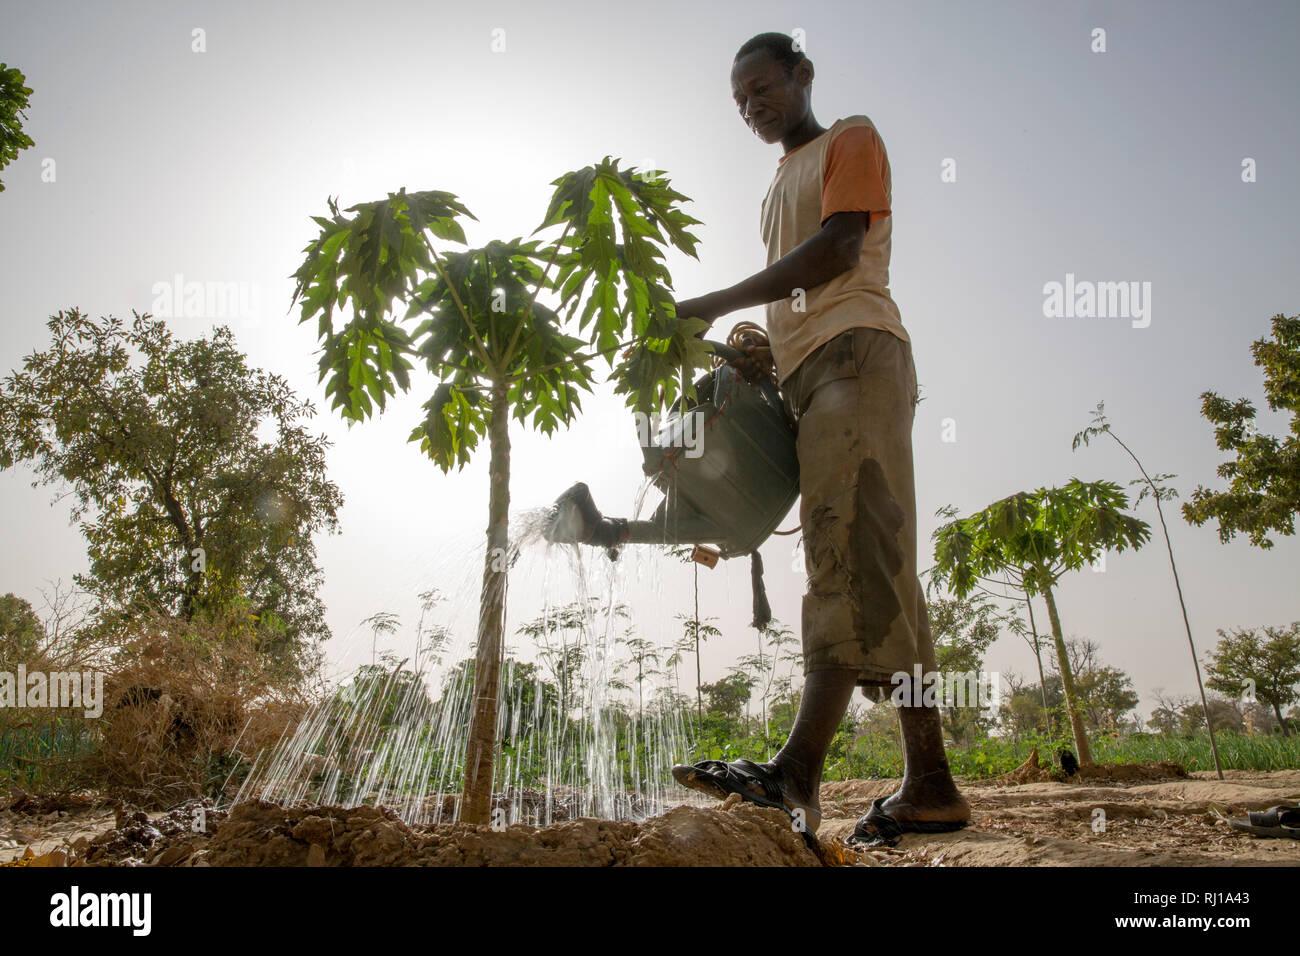 Samba village, Yako Province, Burkina Faso: Denis Zoundi, 45, husband of Collette Guiguemde, watering a small papaya tree on his market garden. - Stock Image